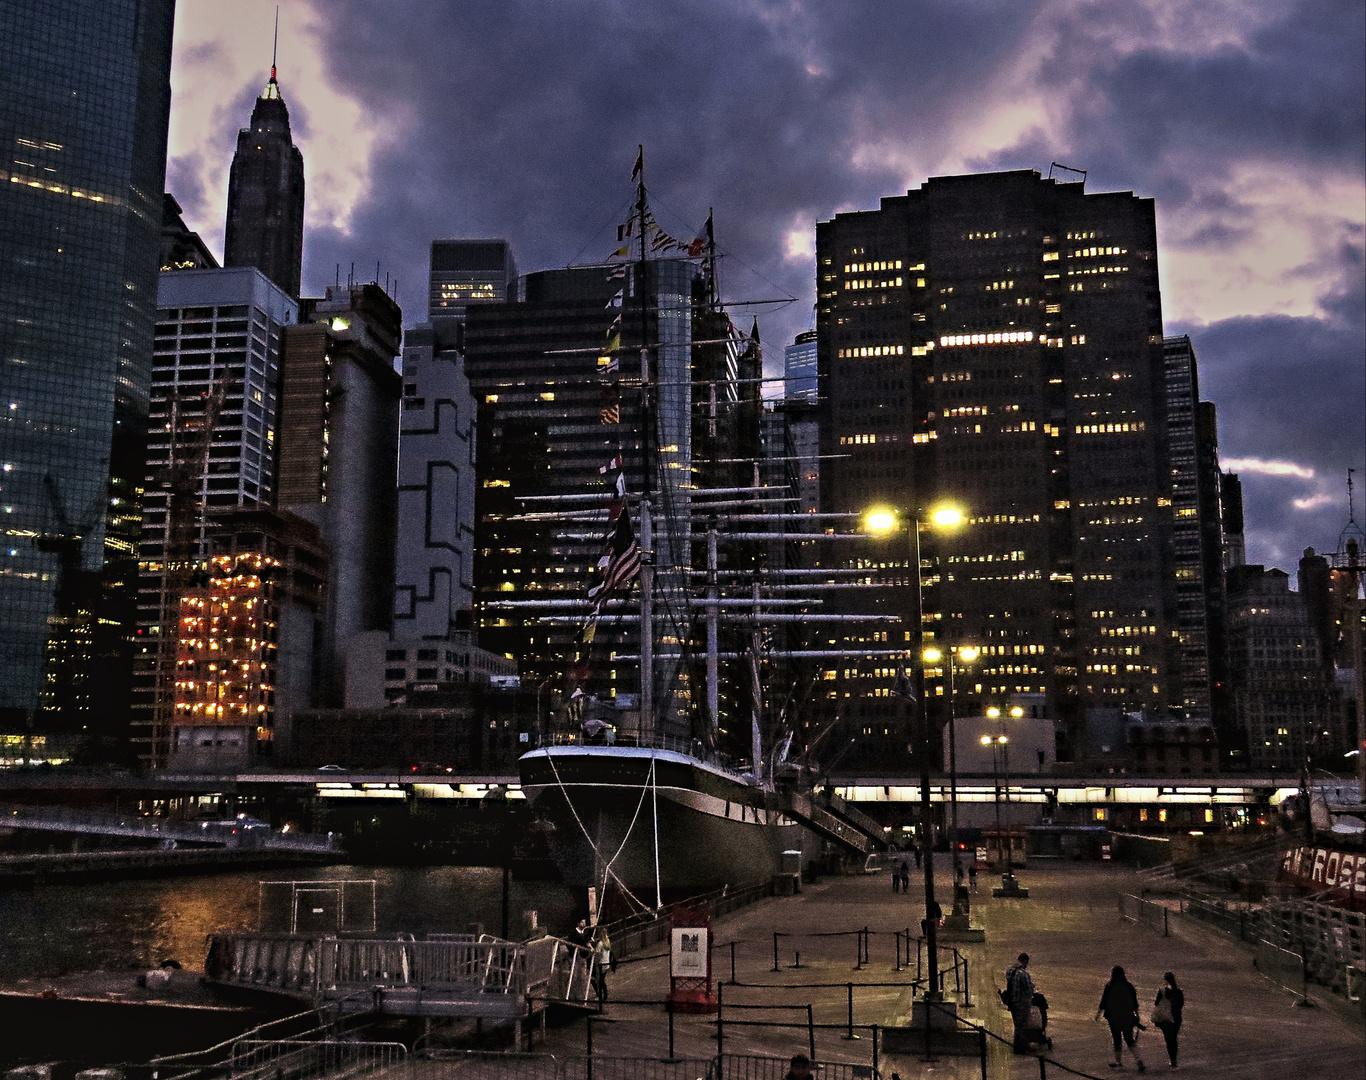 NEW YORK - Pier 16 by night